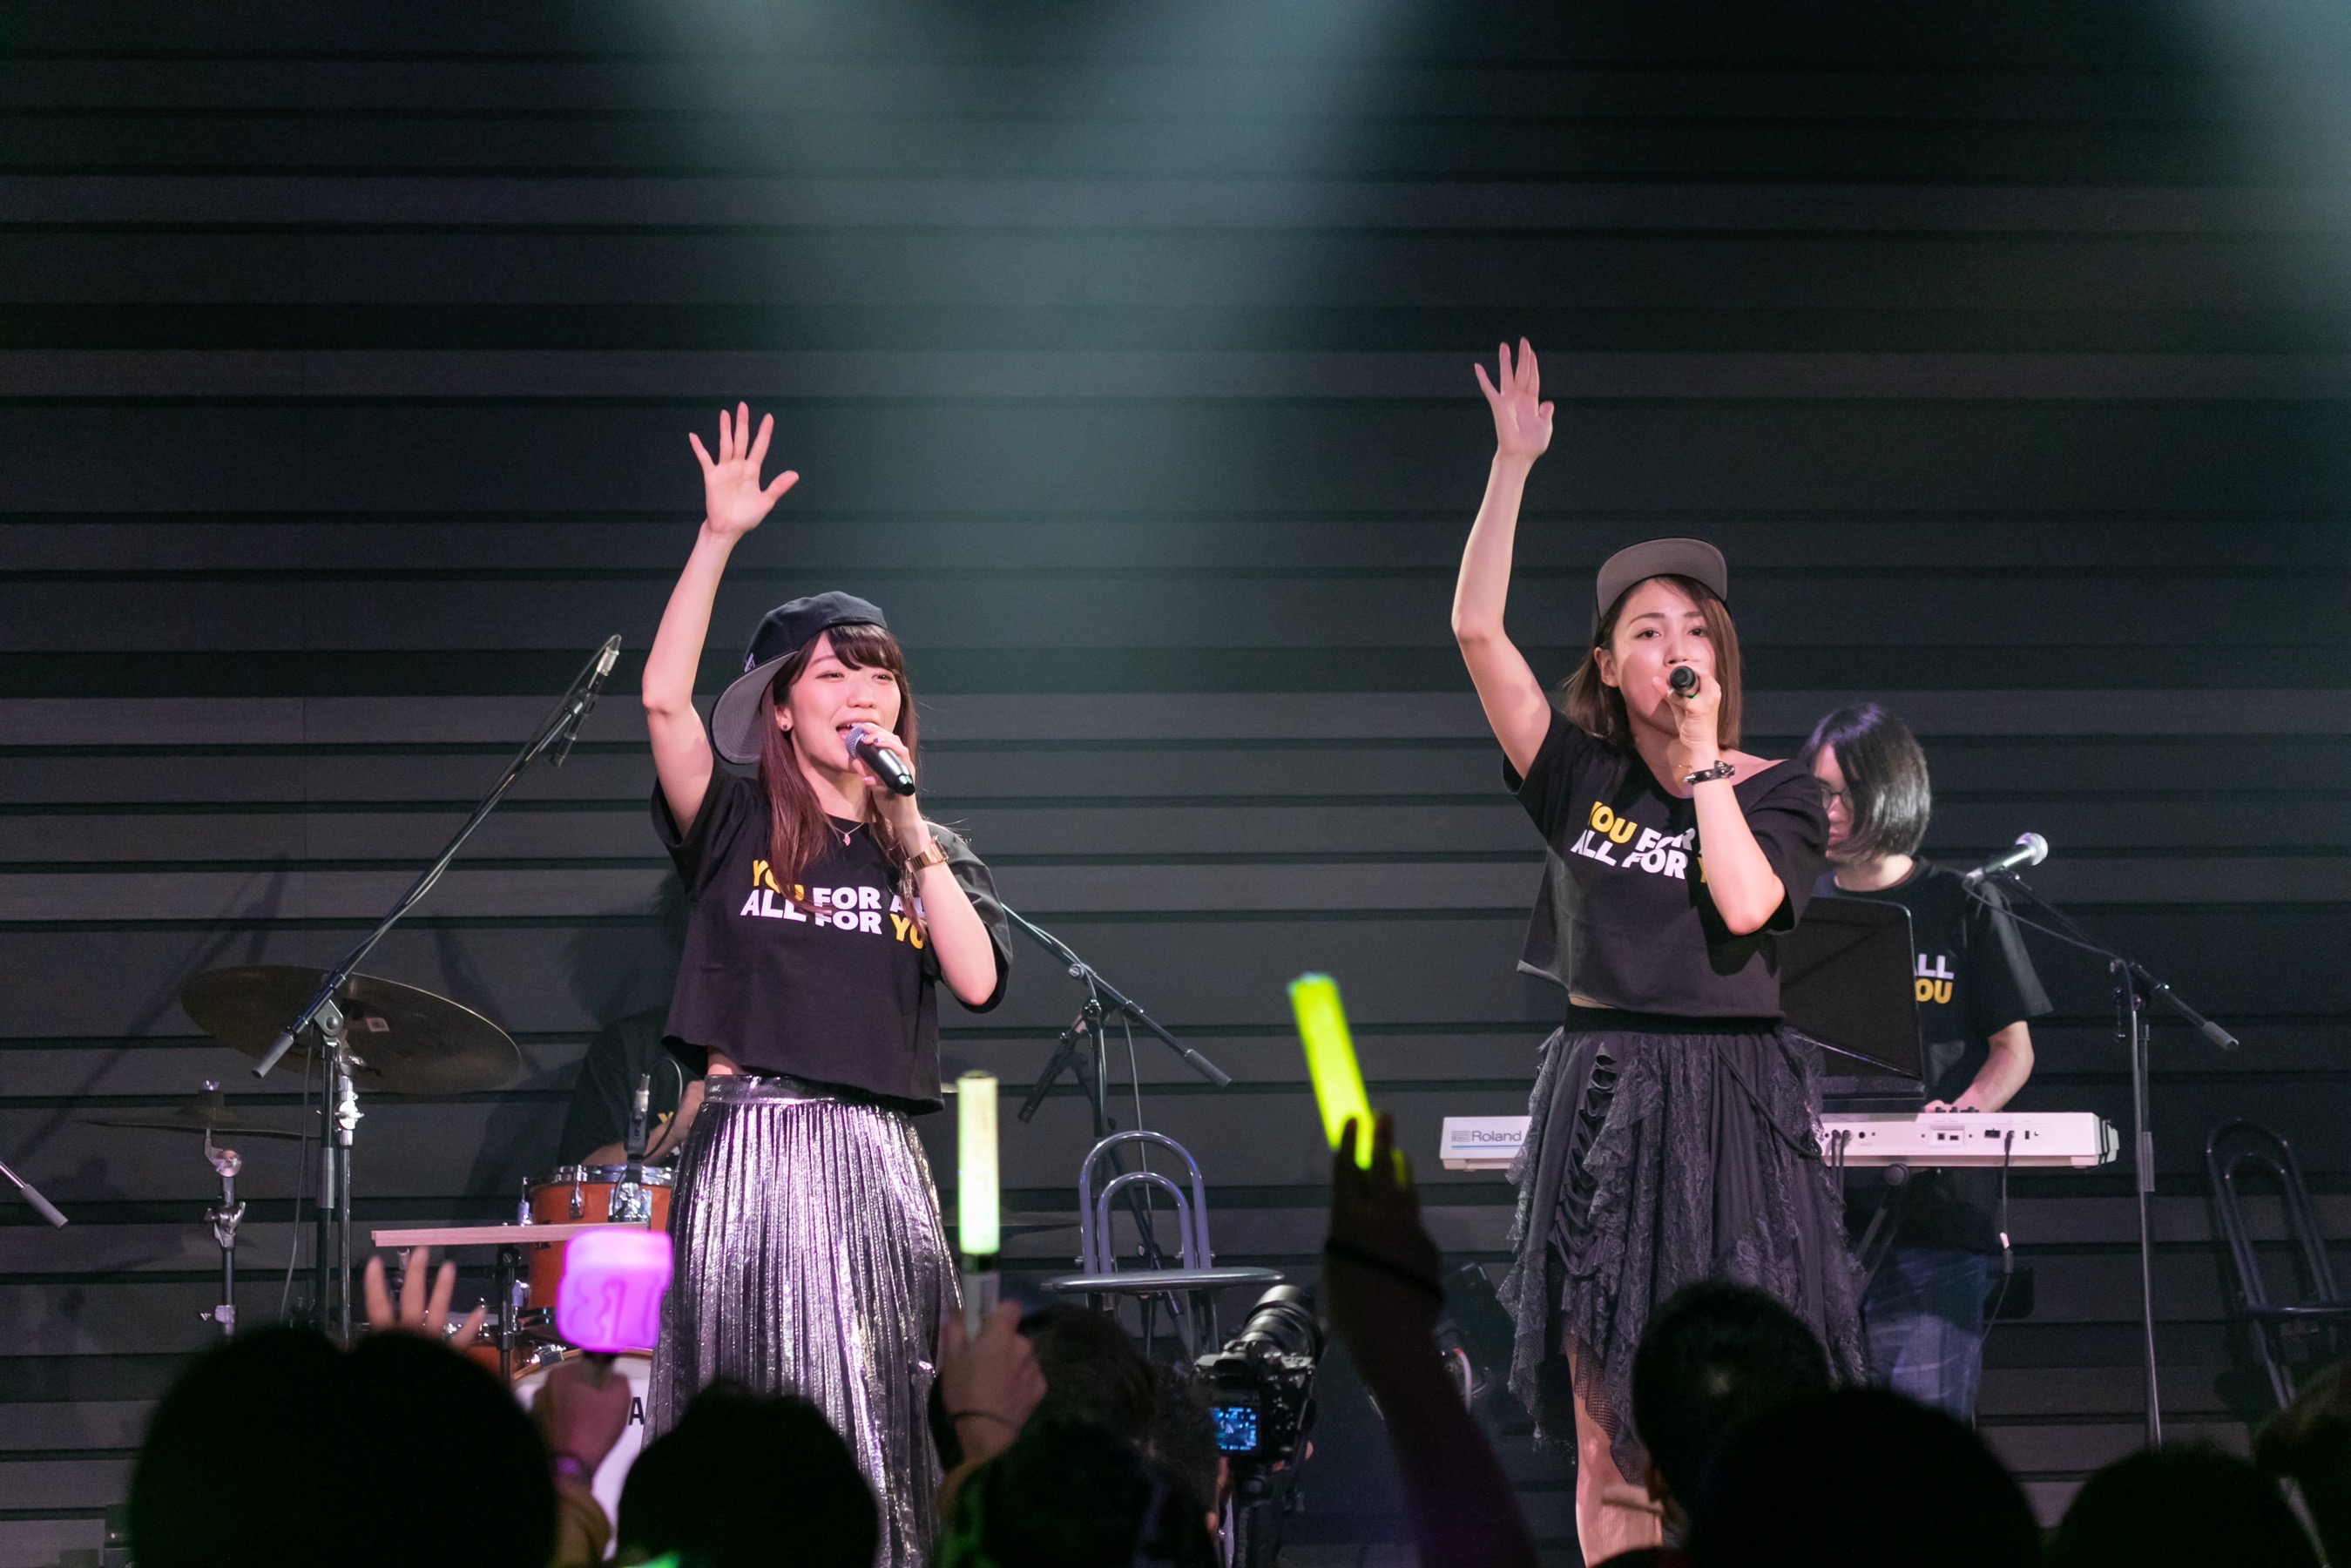 吉川友とぱいぱいでか美の新曲「都会のオンナ」